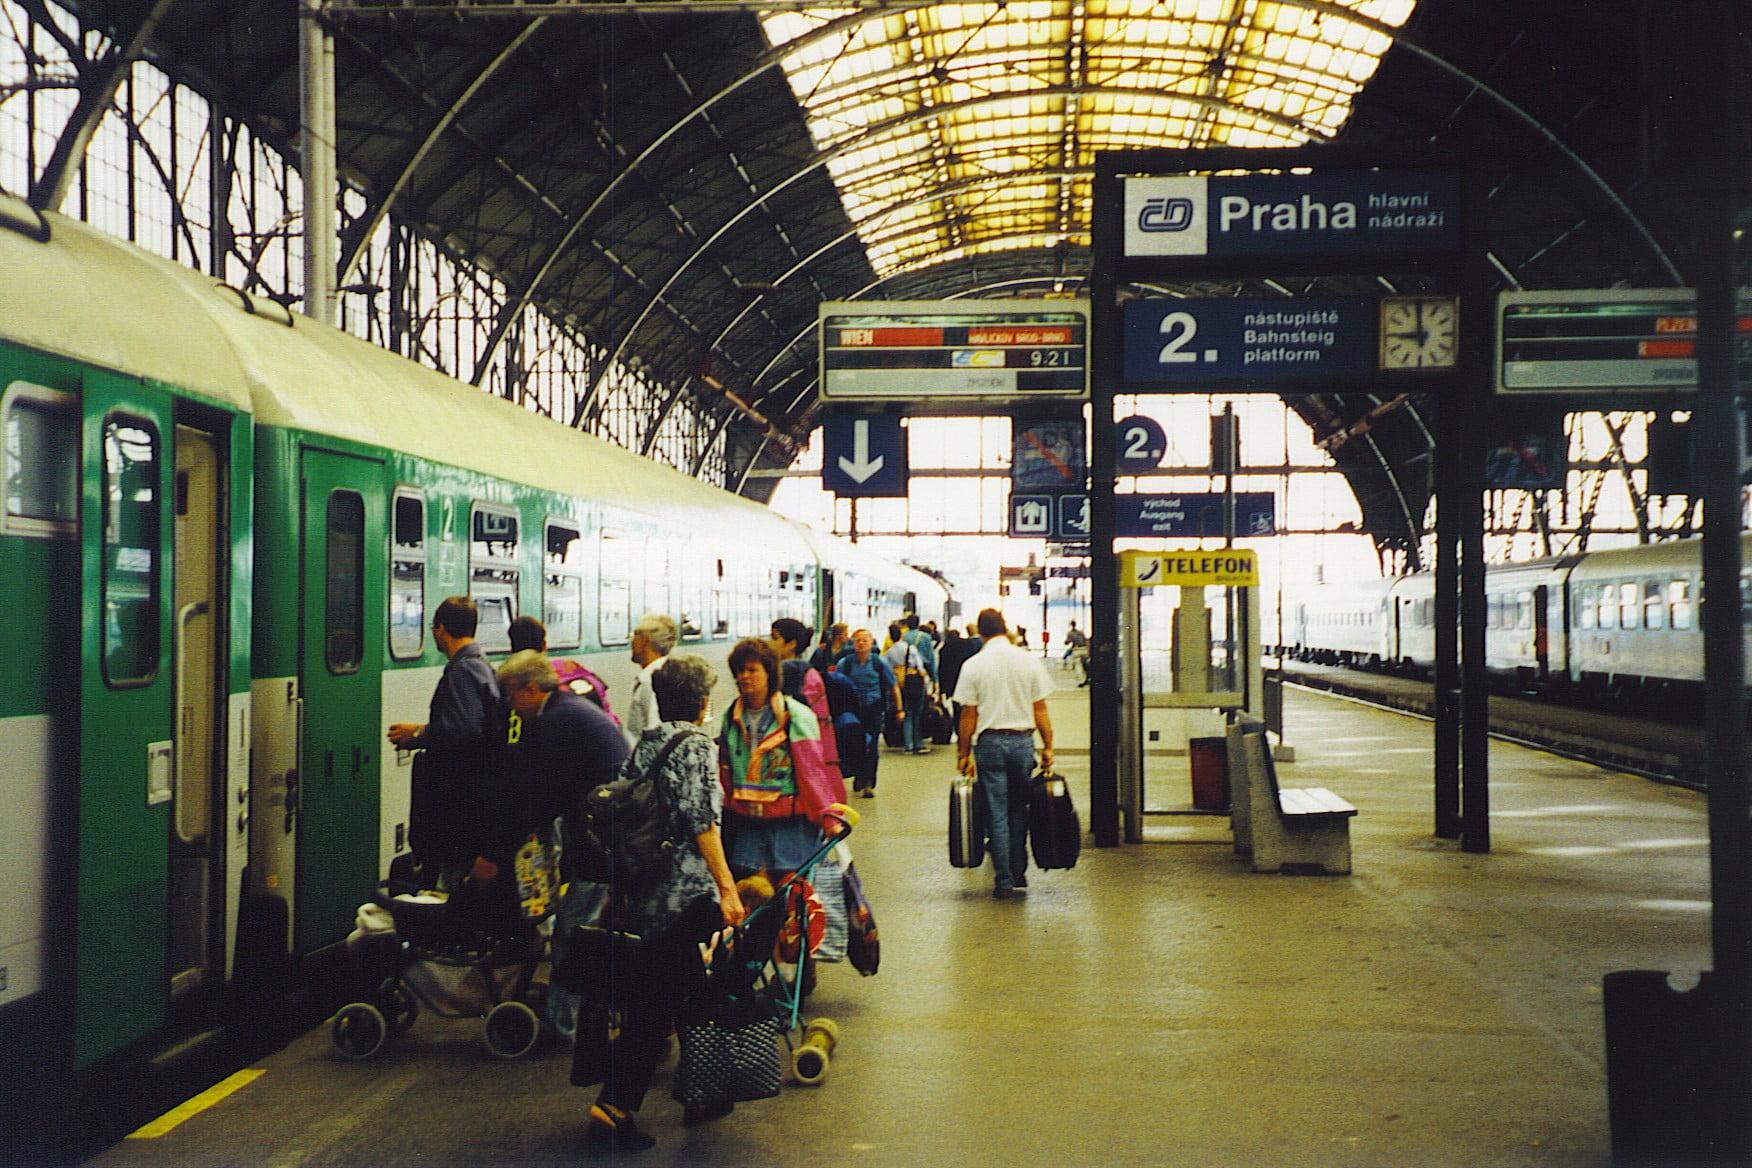 Ejecutiva De Viajar Personas En El Aeropuerto De: Trenes A Praga